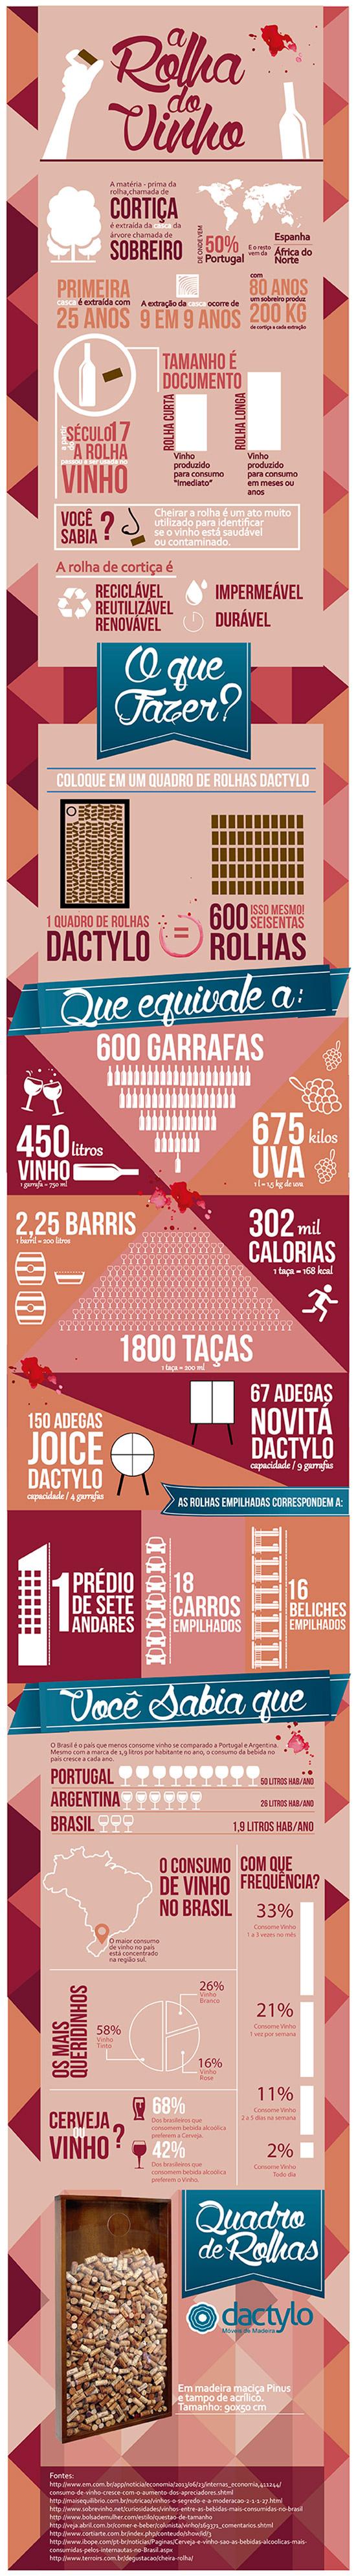 Infografico Sobre Rolhas De Vinho Guarde Suas Rolhas No Quadro De Rolhas Dactylo Moveis De Madeira Infografico Vinho Rolha Vinhos E Queijos Rolhas Vinho